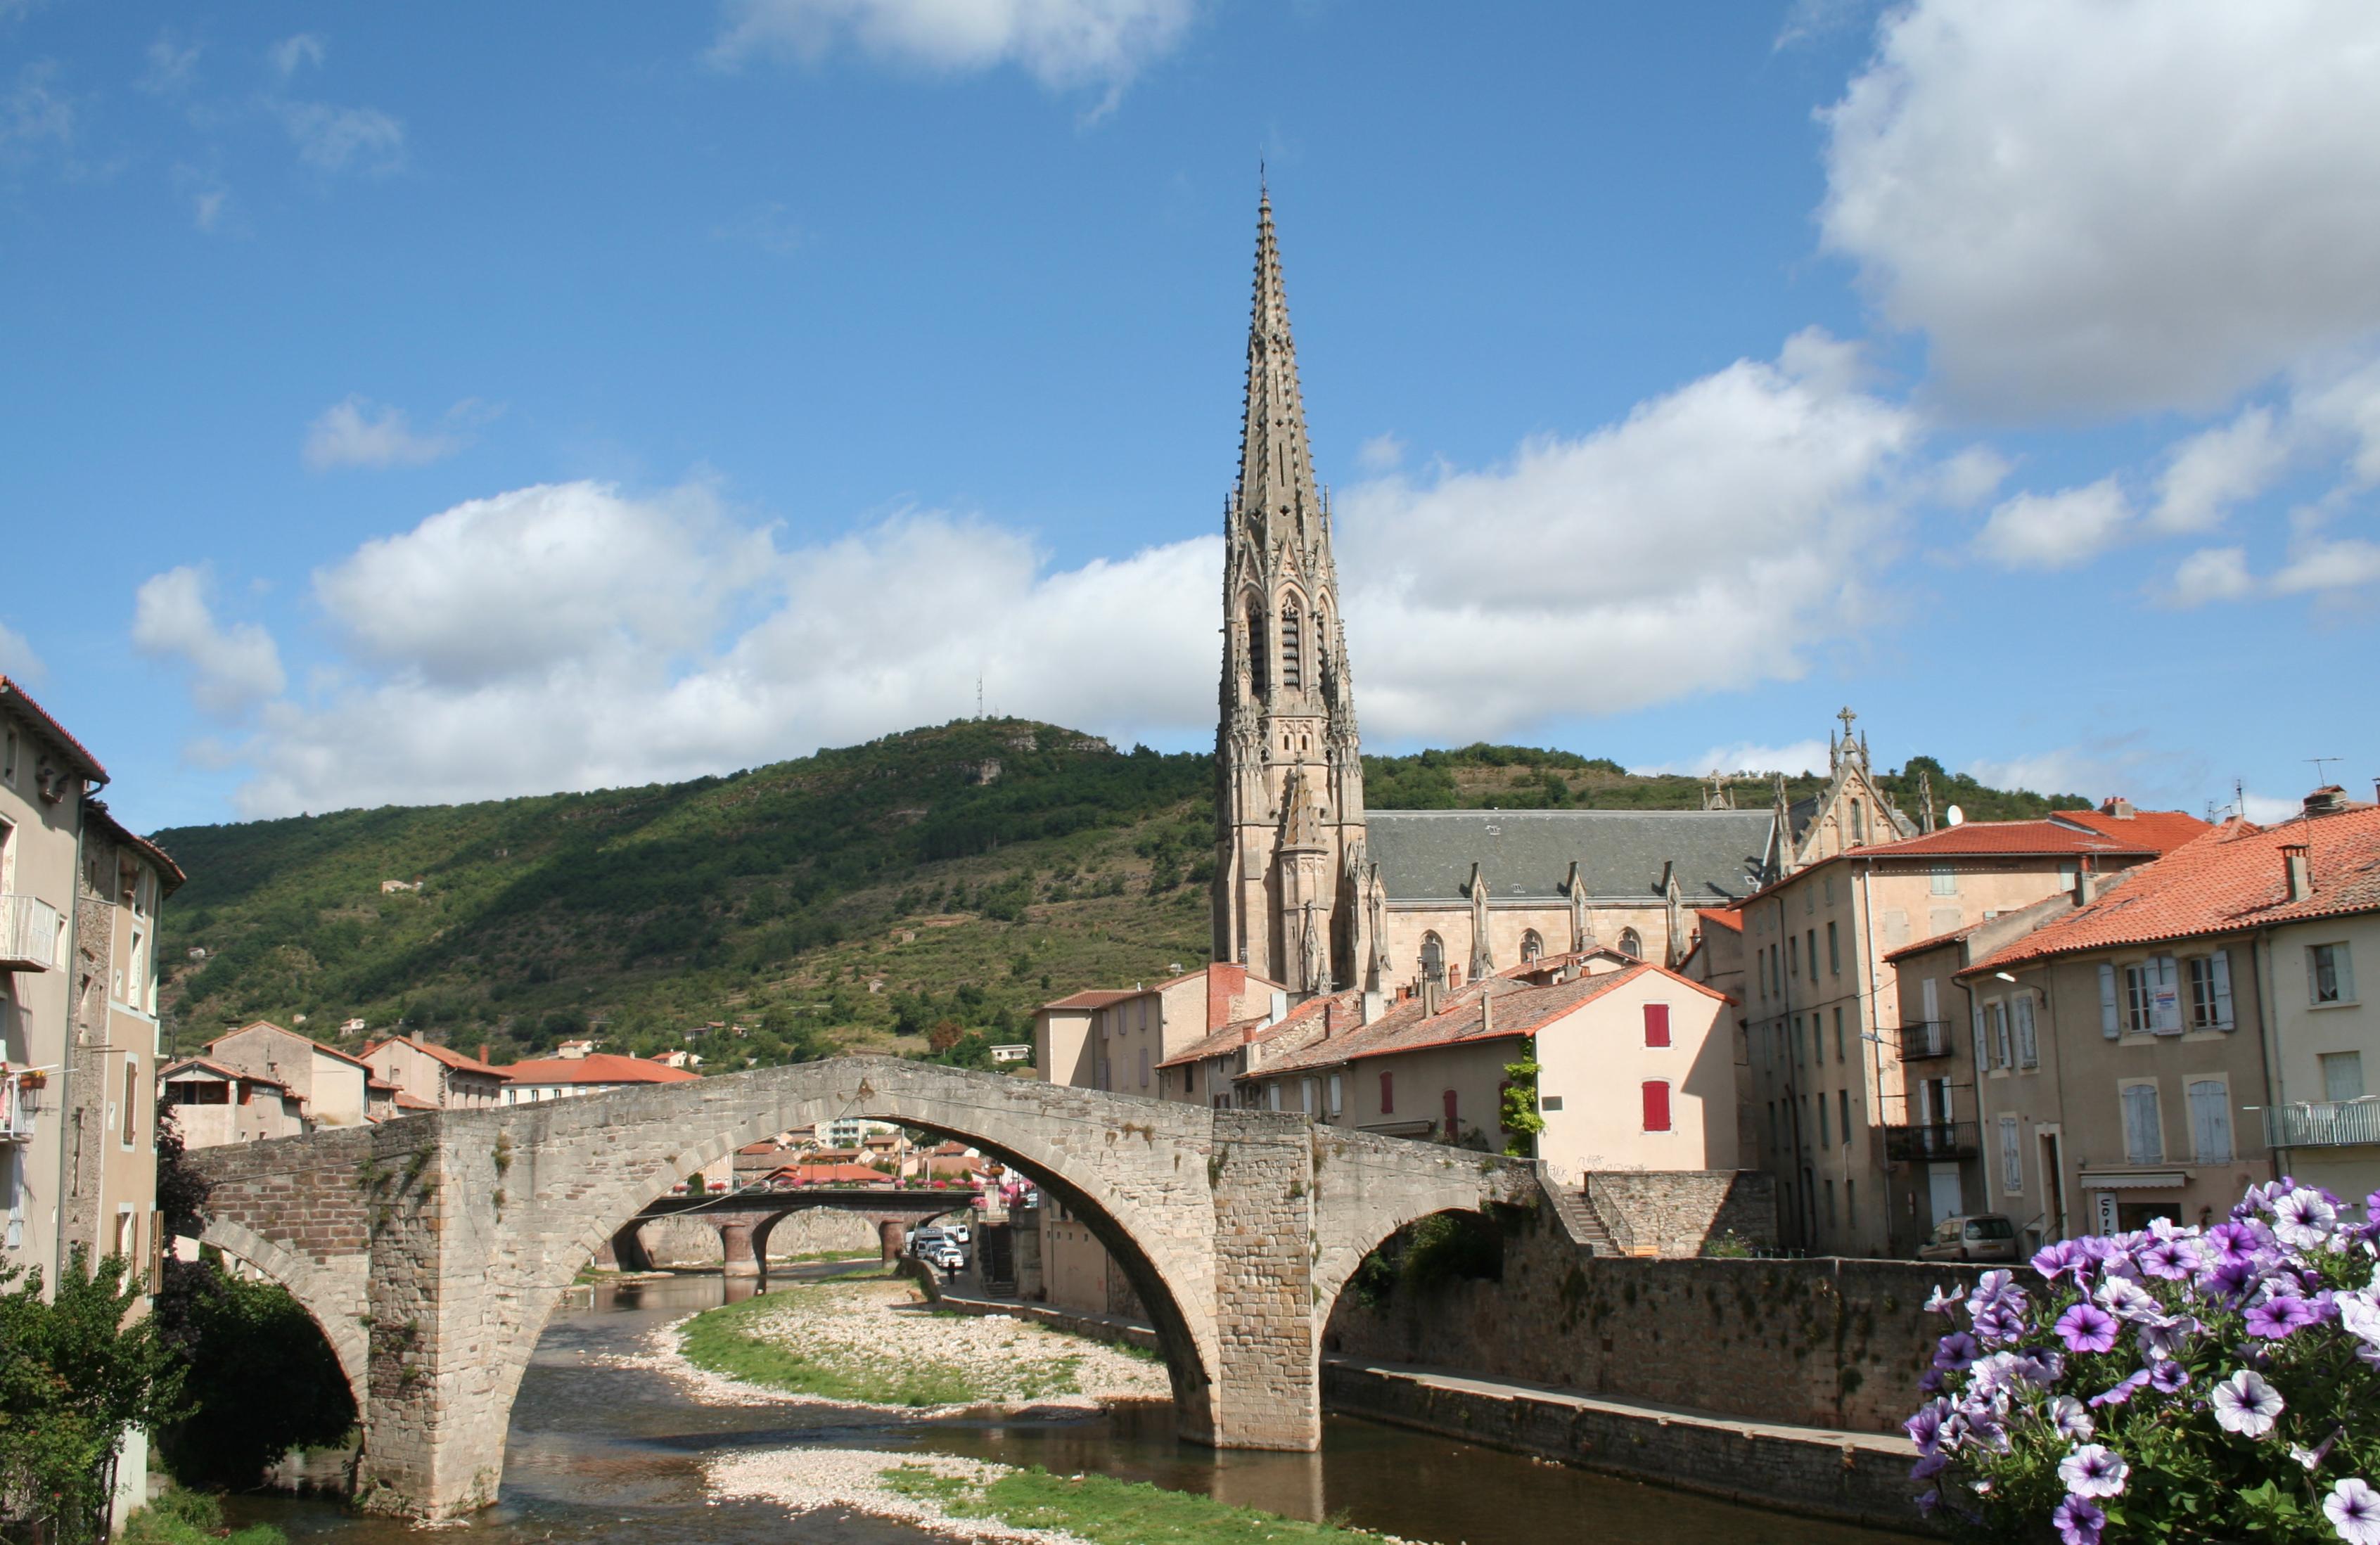 Sorgues France  city photos gallery : Saint Affrique pont Wikimedia Commons